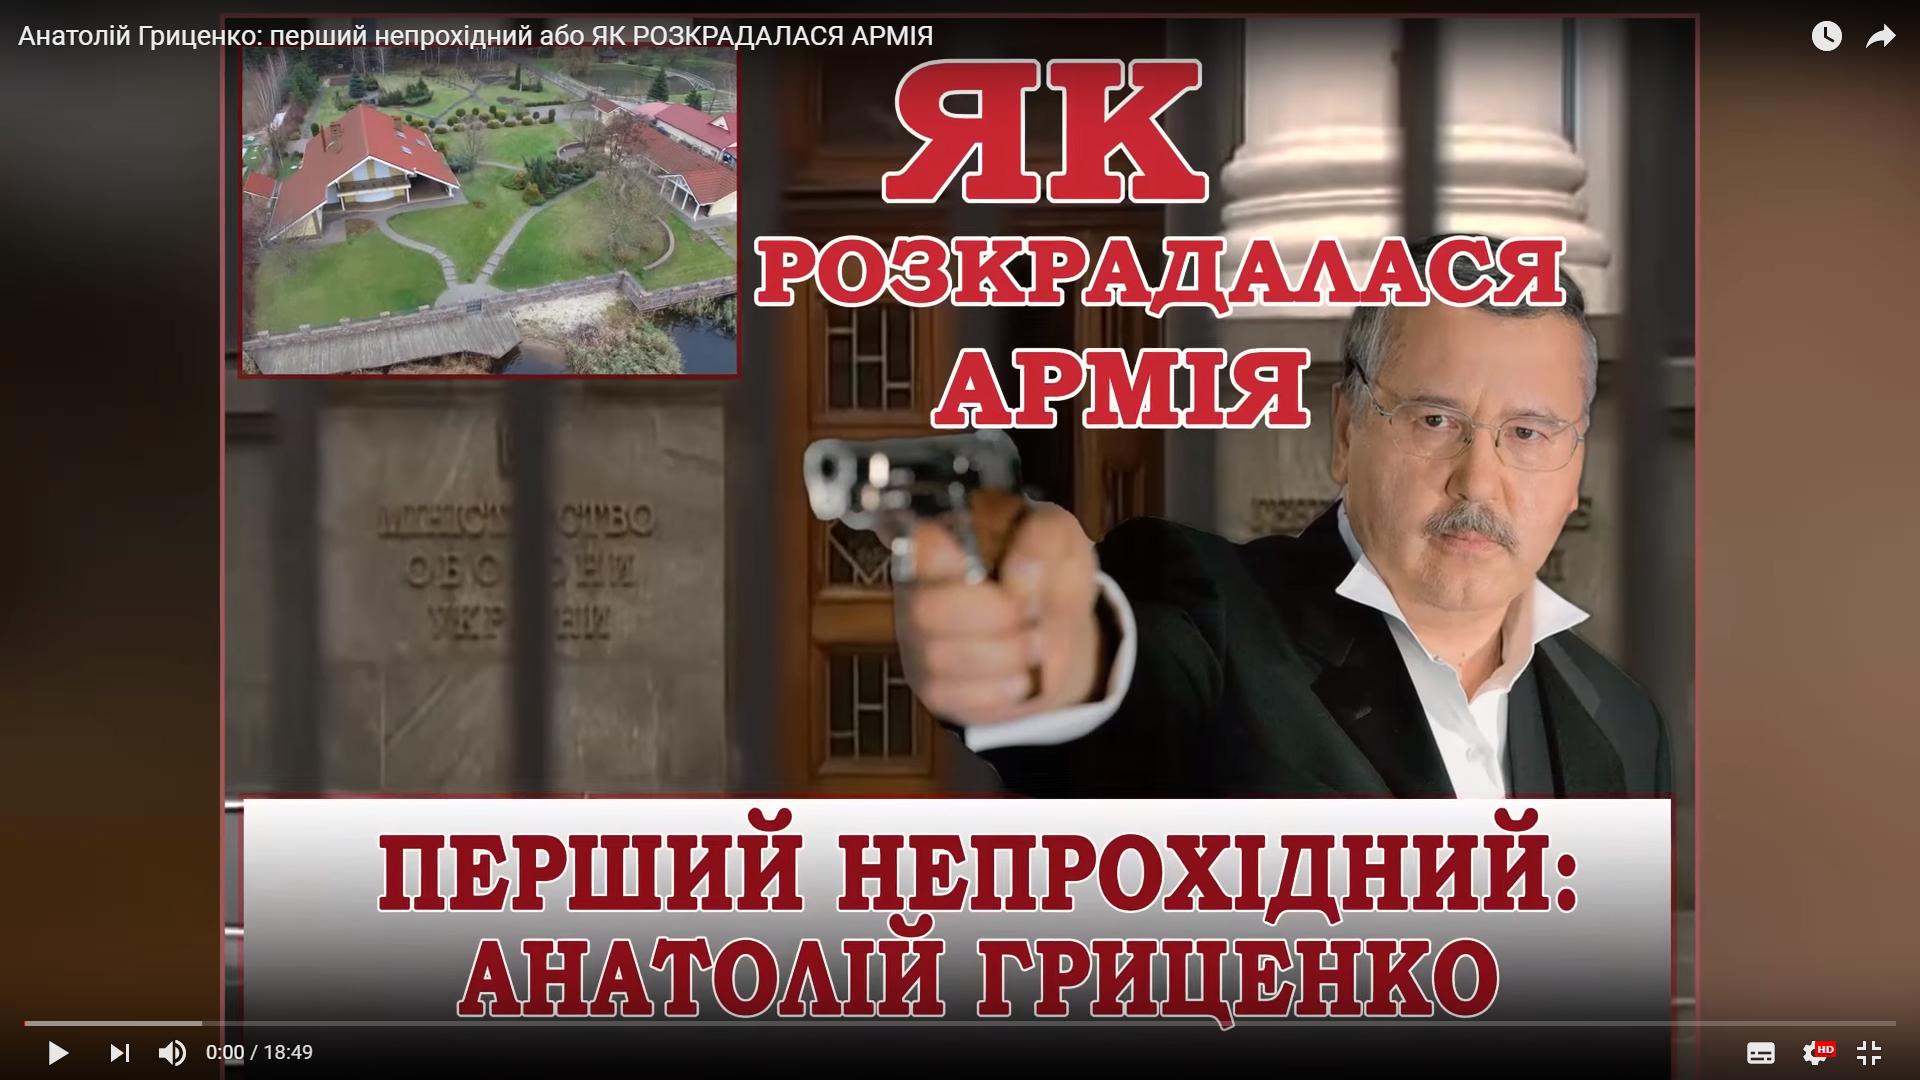 Поліція Житомирщини викрила схему масштабного розкрадання військової техніки: 200 об'єктів було підготовлено до продажу - Цензор.НЕТ 3584